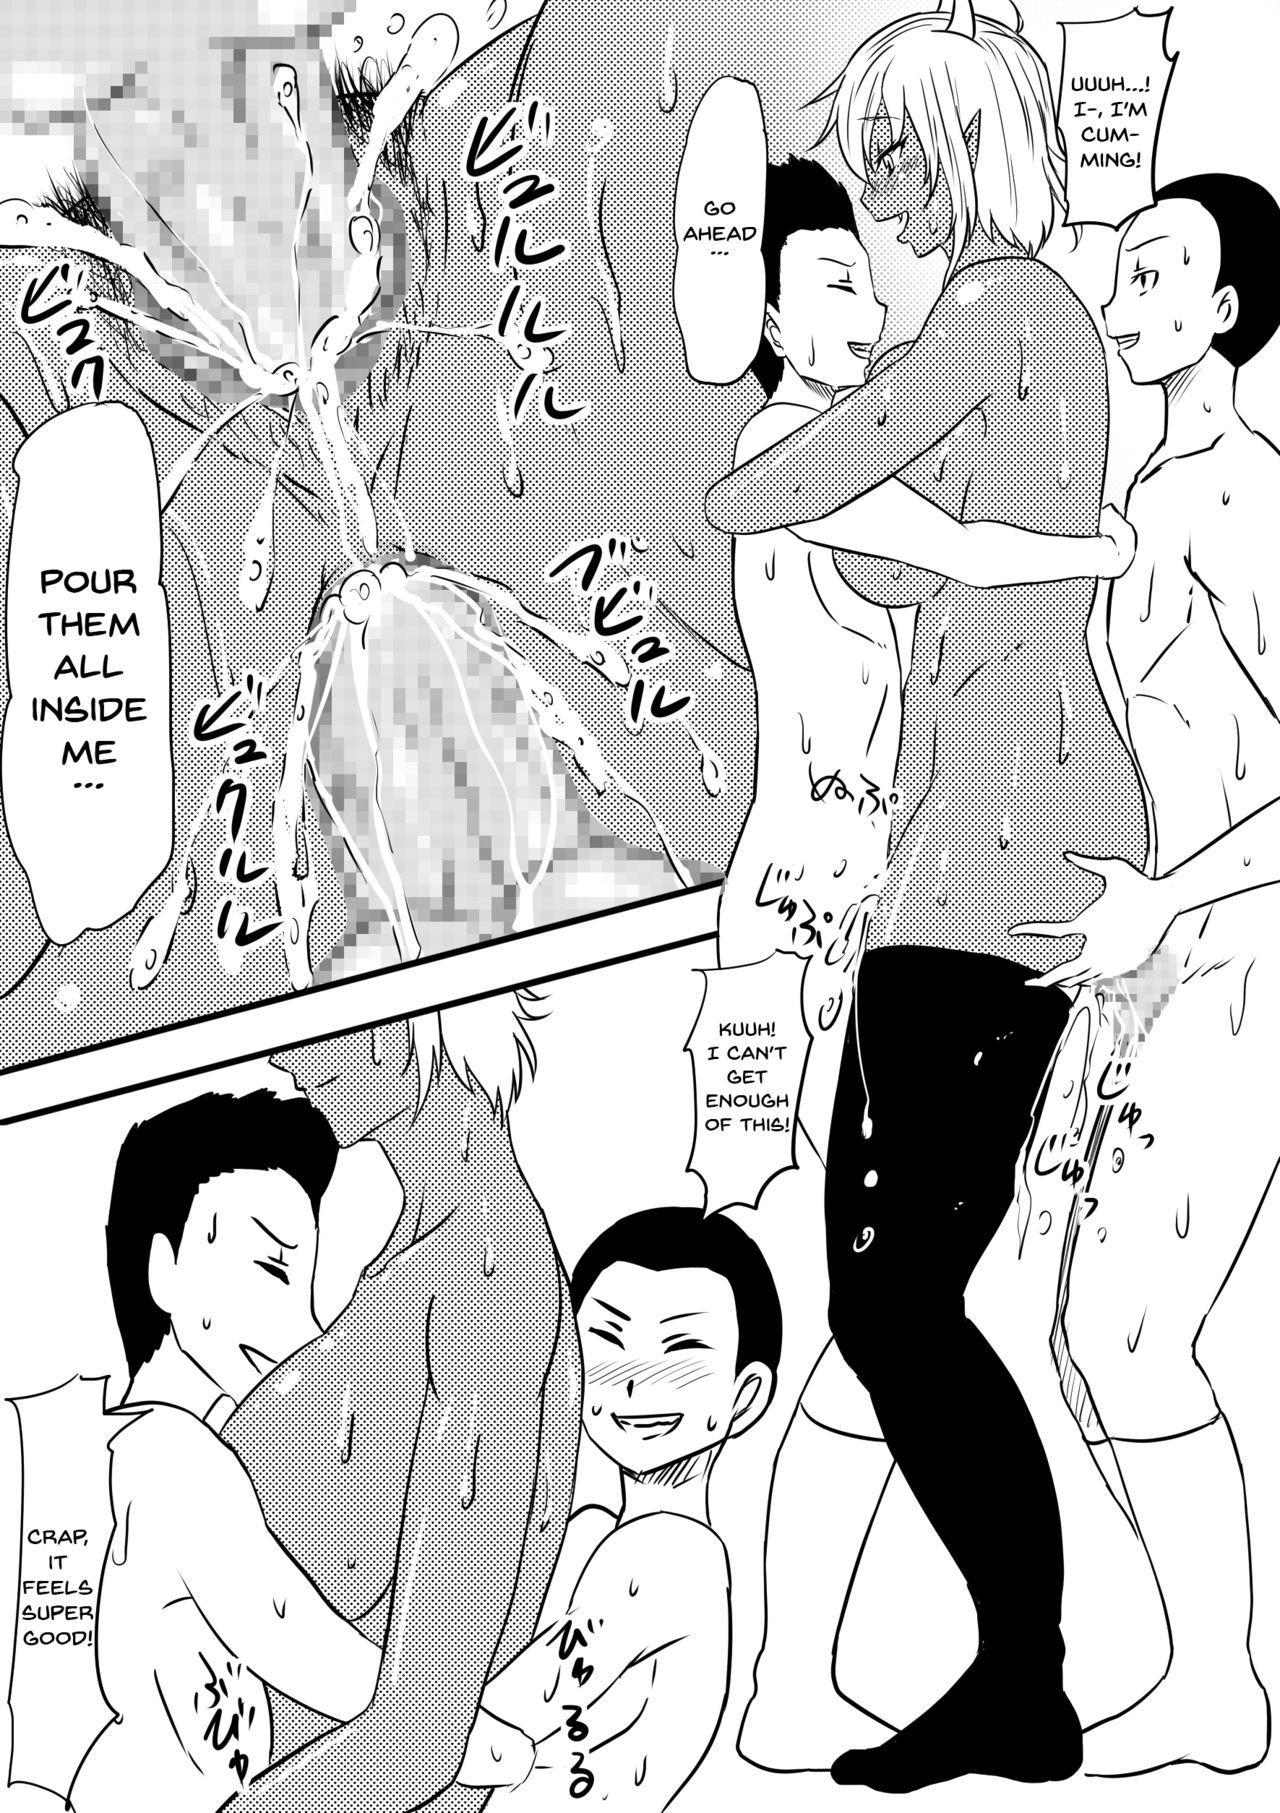 Akuma ni Tamashii o Utta haha ga Inma Bitch e to Henbo Shite iku Hanashi | A Story Where My Mom Turns Into a Bitch 42